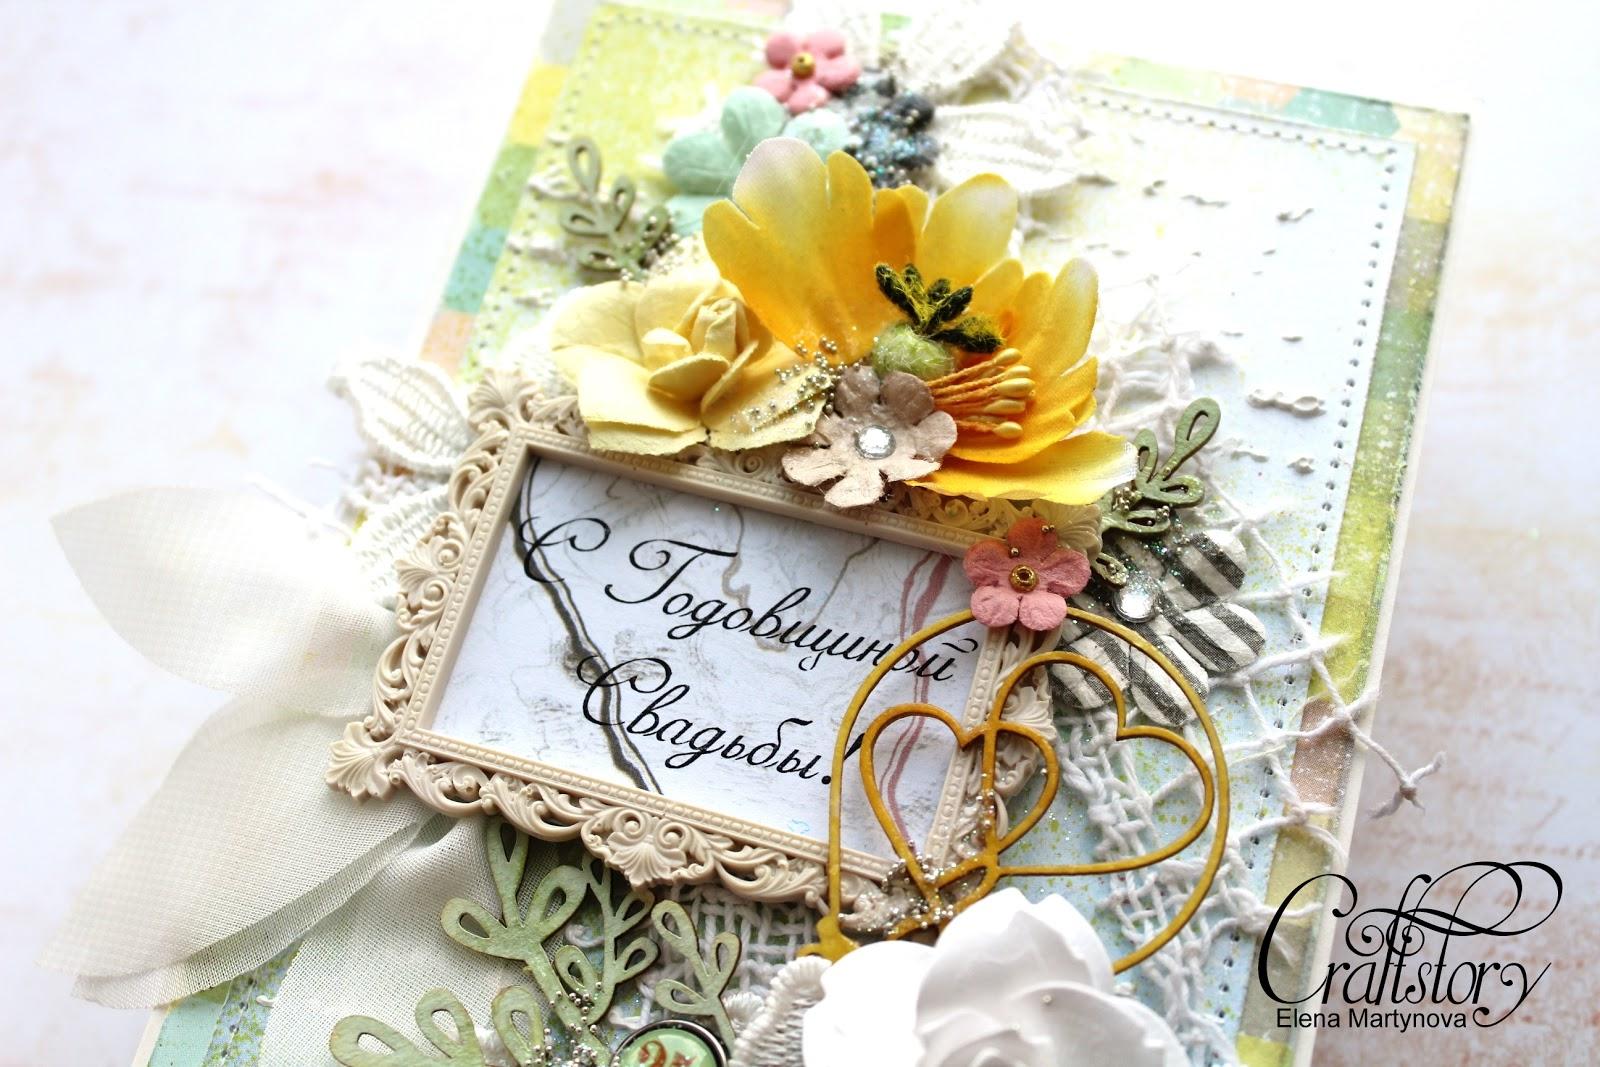 Открытки одно, 41 годовщина свадьбы открытки поздравления